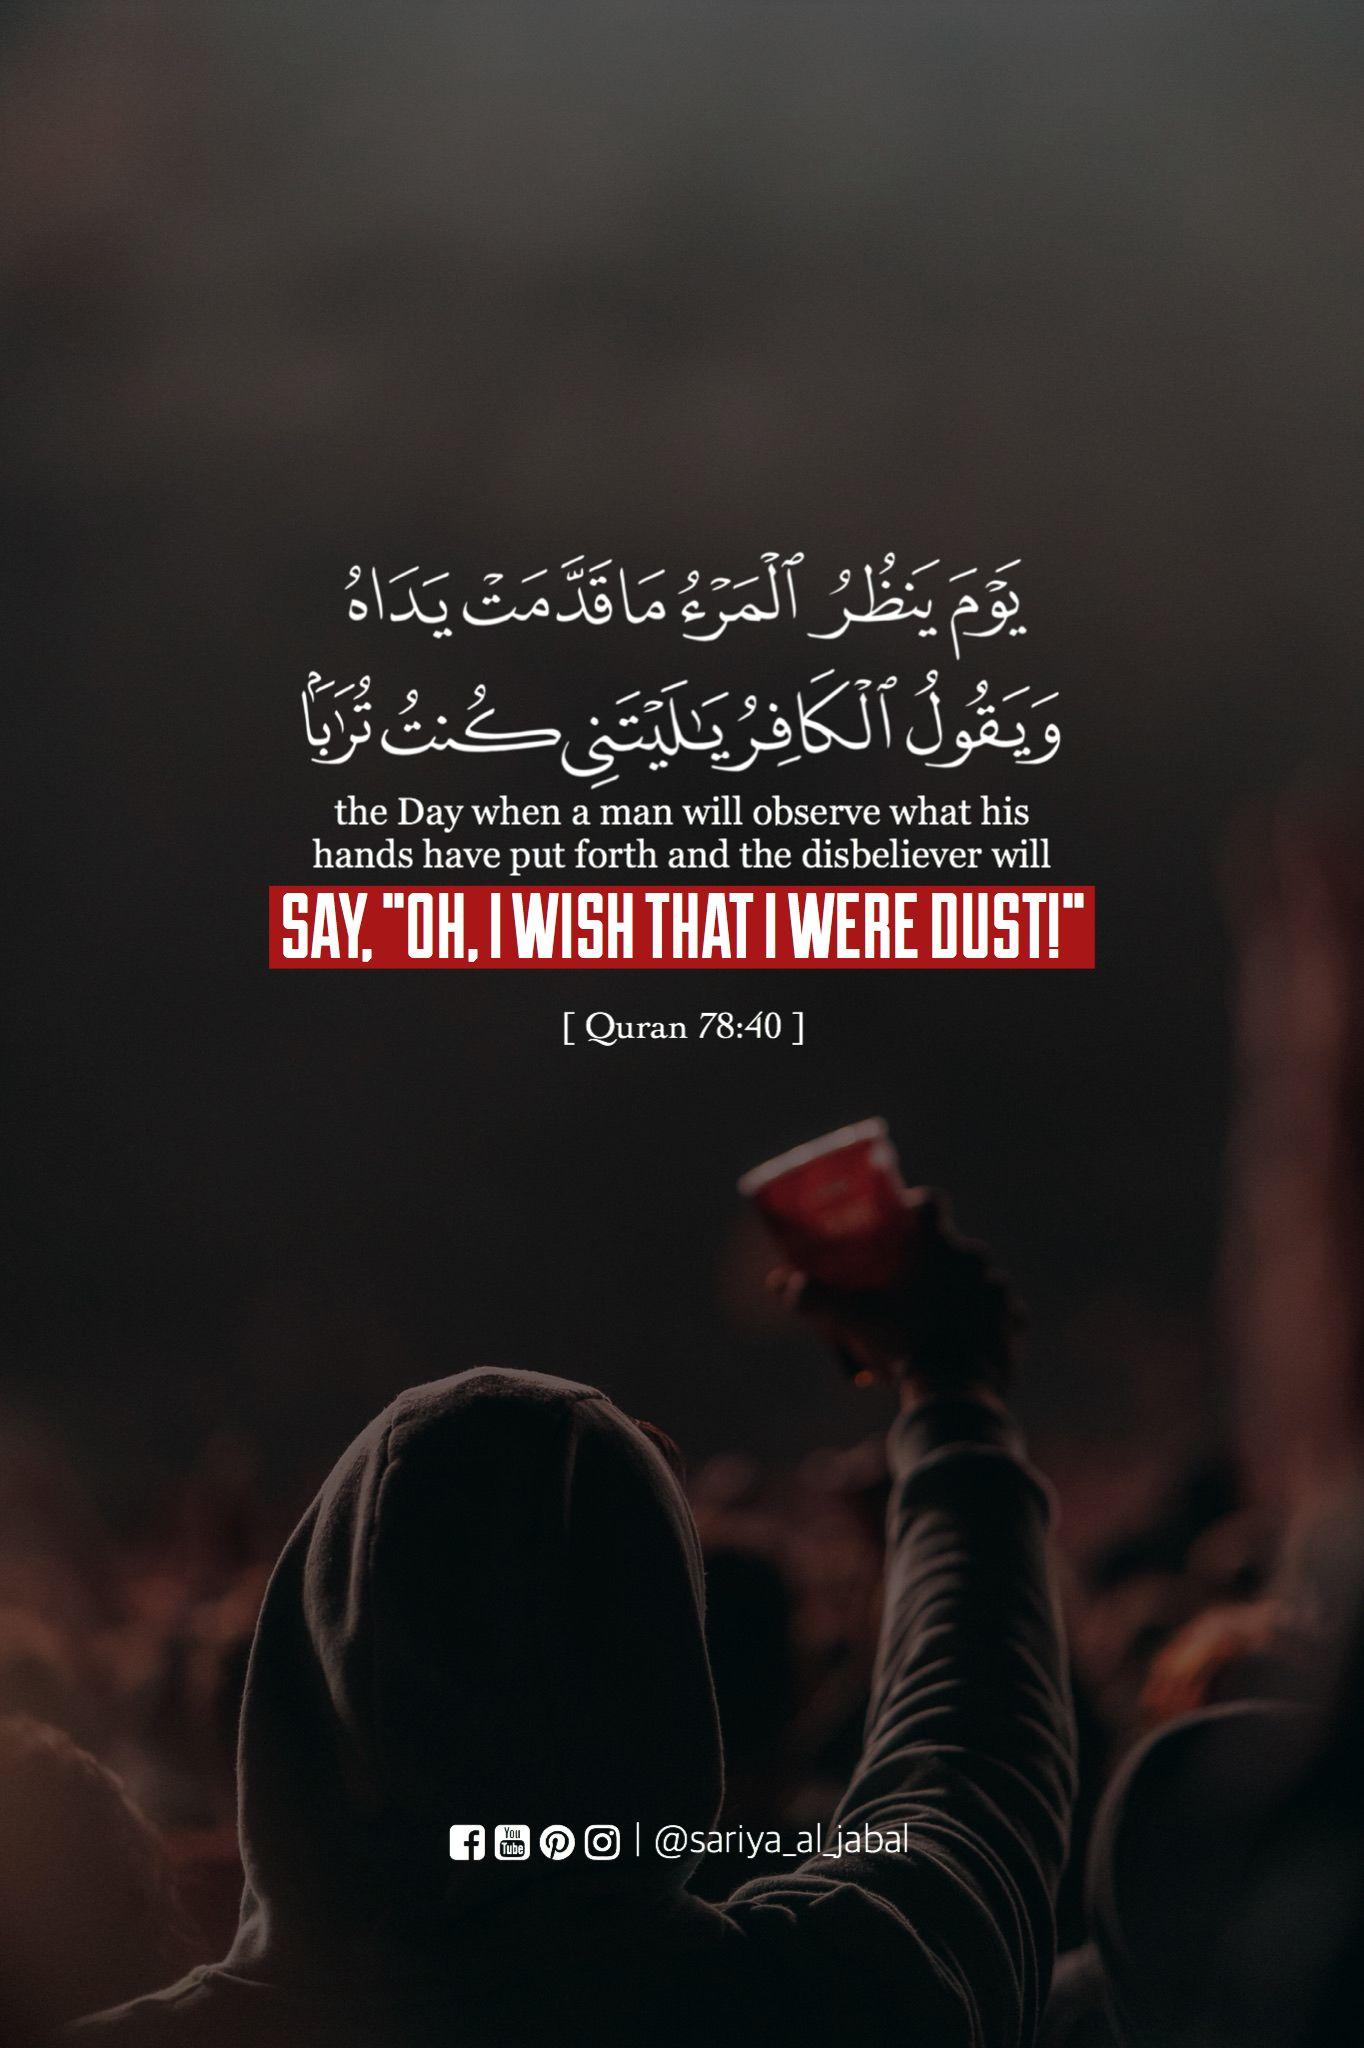 سارية الجبل Sariya Al Jabal Instagram Photos And Videos Quran Quotes Inspirational Quran Quotes Verses Quran Verses